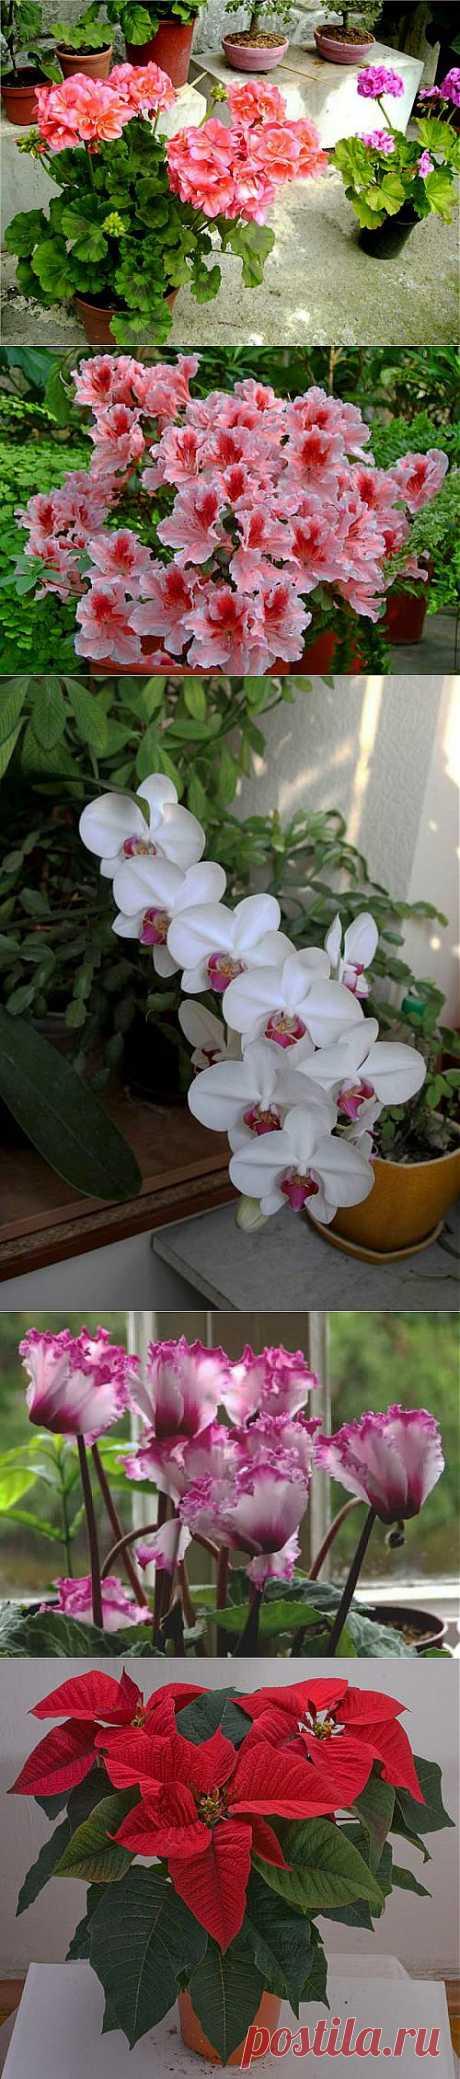 Стимулируем цветение комнатных растений.